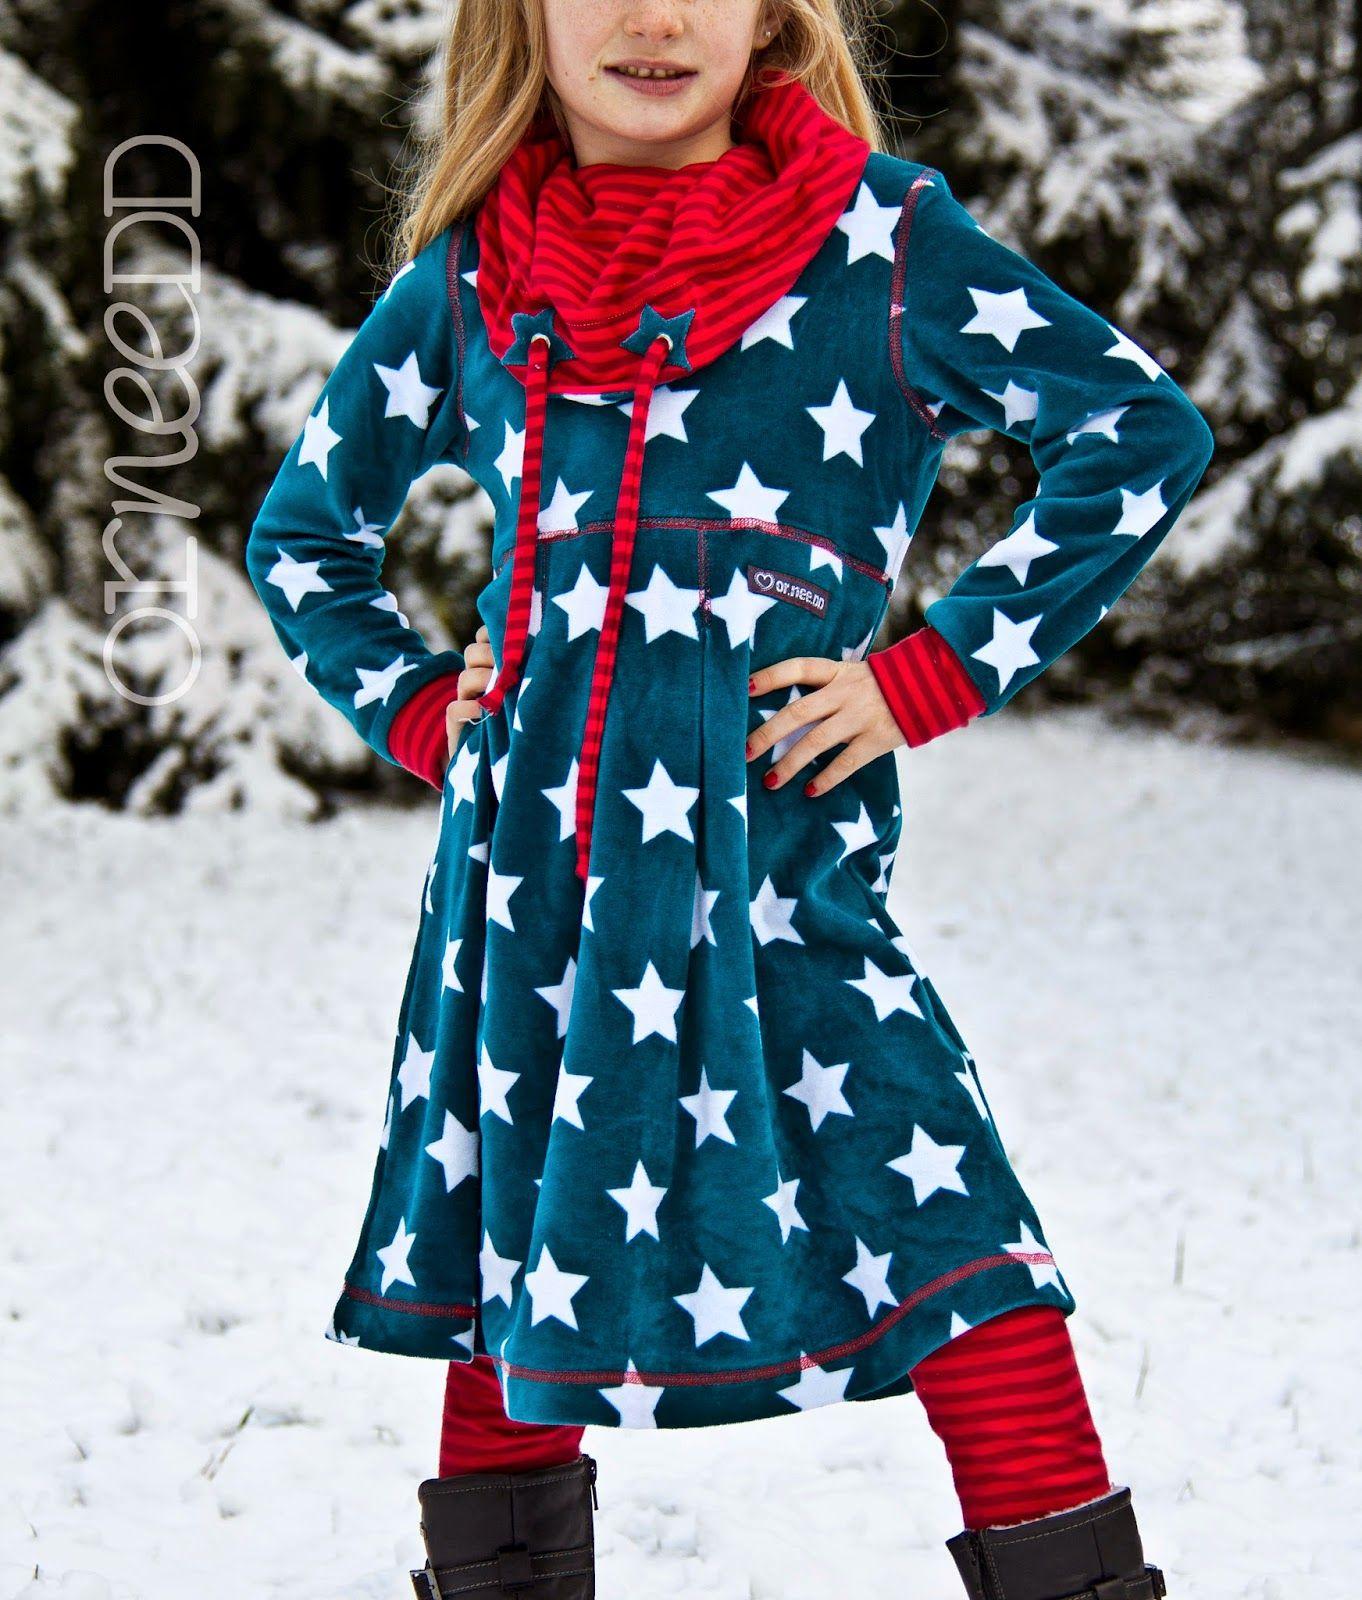 OrNeeDD: Winterkleid trifft Sternenliebe